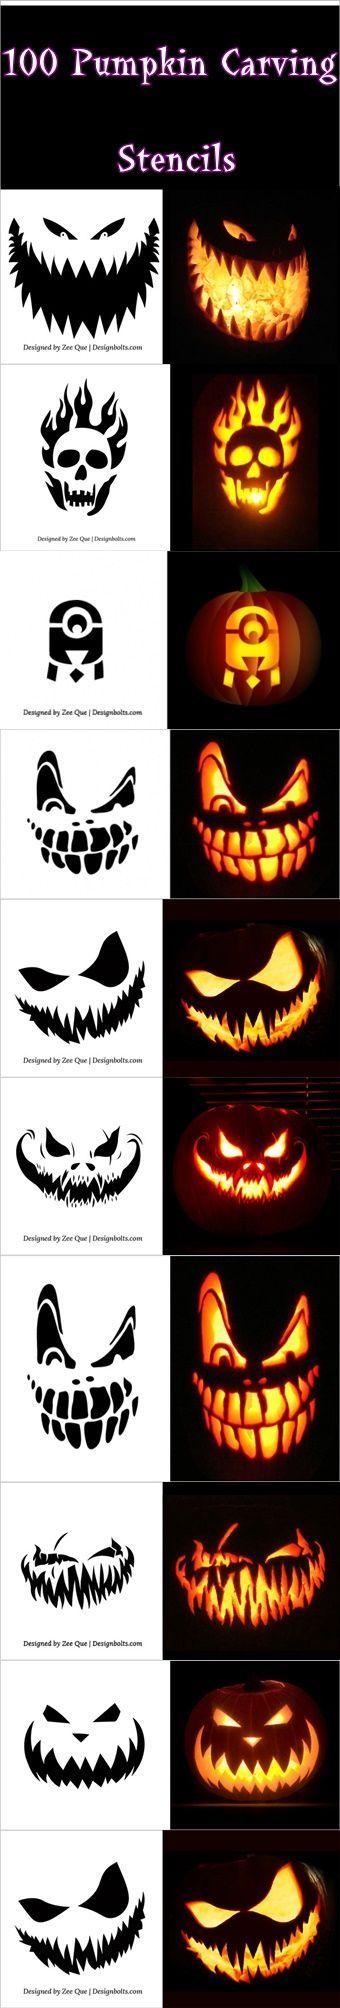 Resultado de imagen de halloween decorations for school